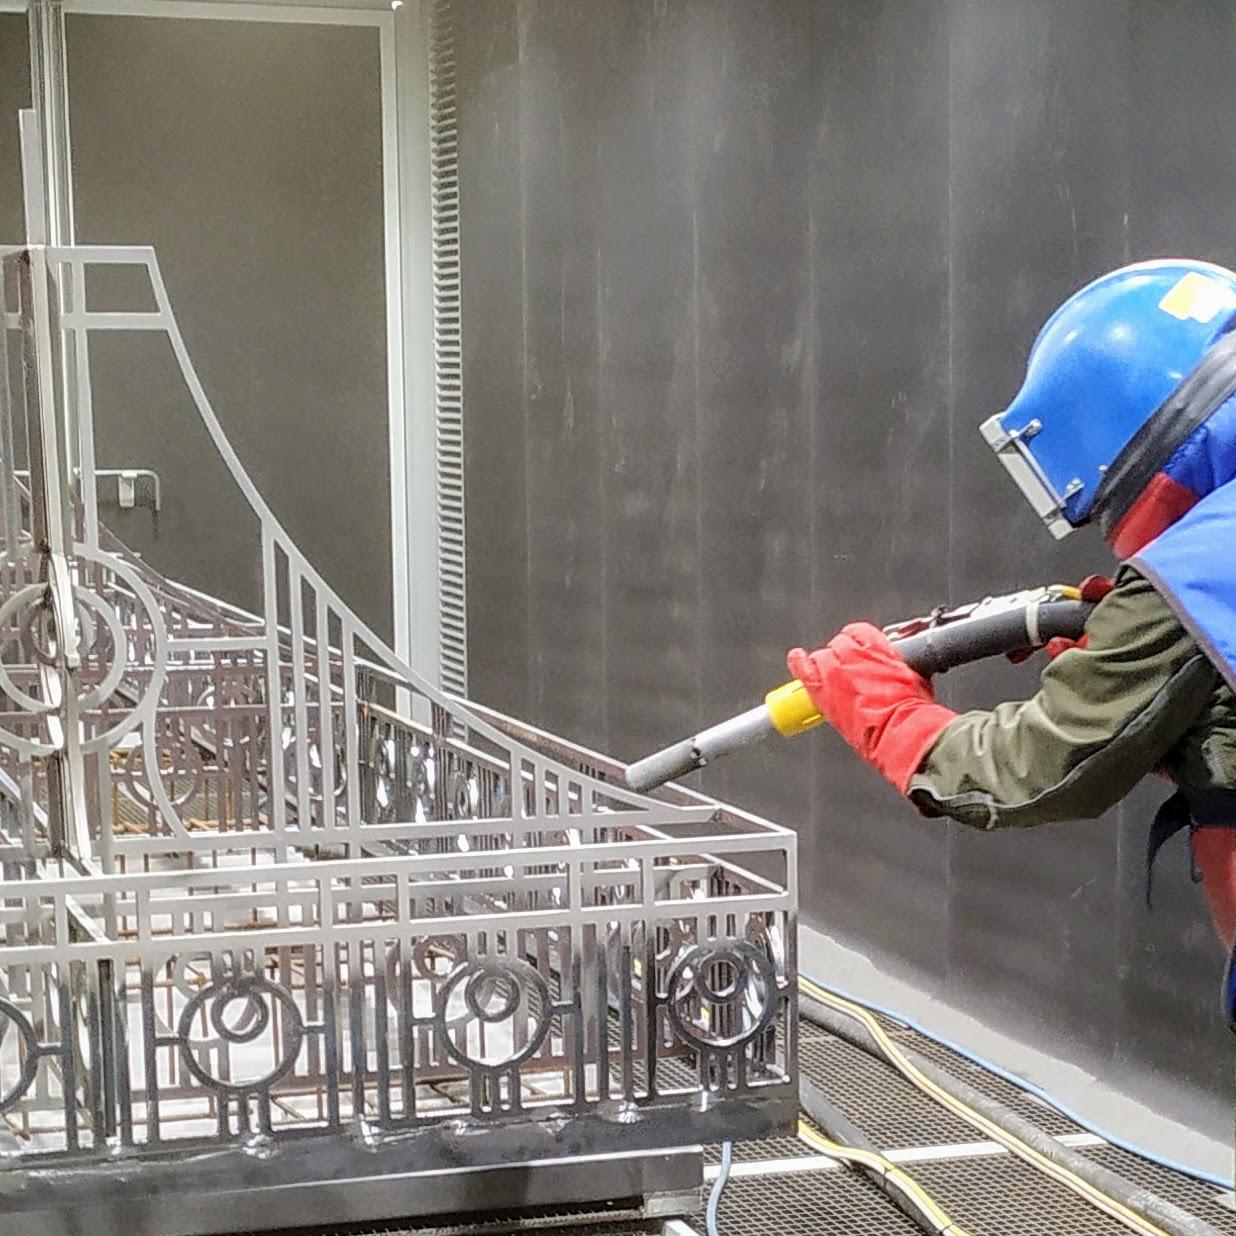 Prieš dengiant antikorozinę dangą - būtina sąlyga metalo paviršių nuvalyti iki Sa 2,5 švarumo klasės.